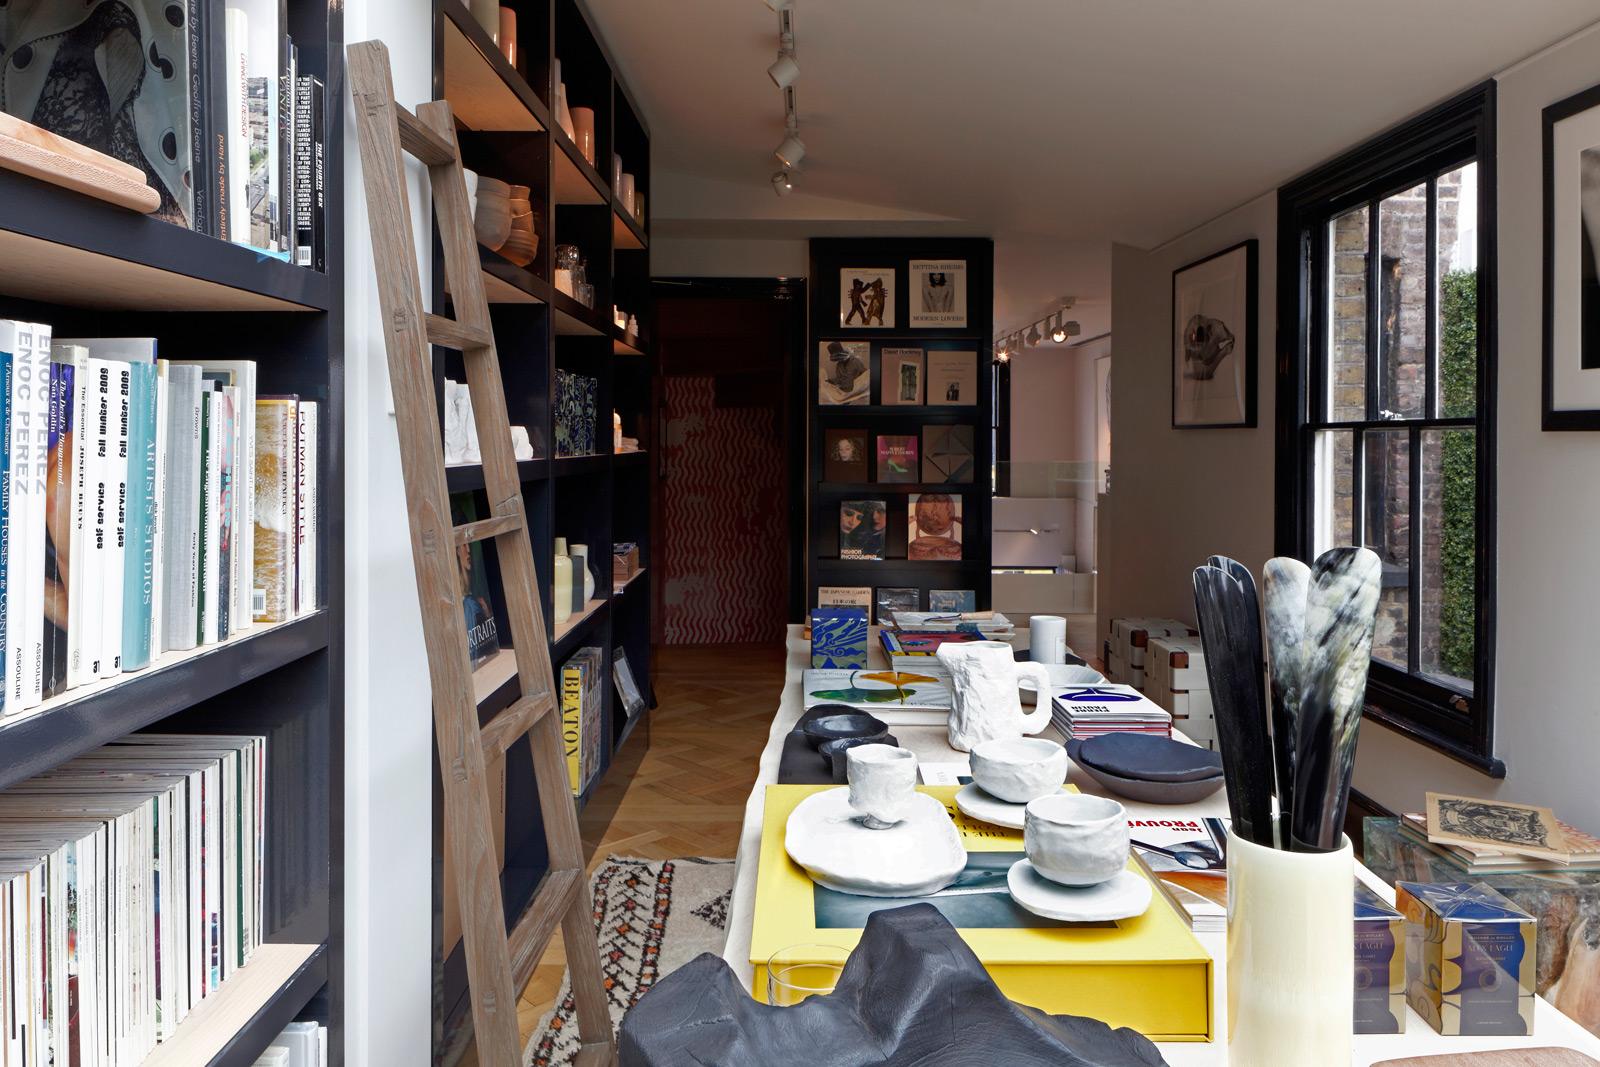 alex eagle on walton street interior shot the spaces